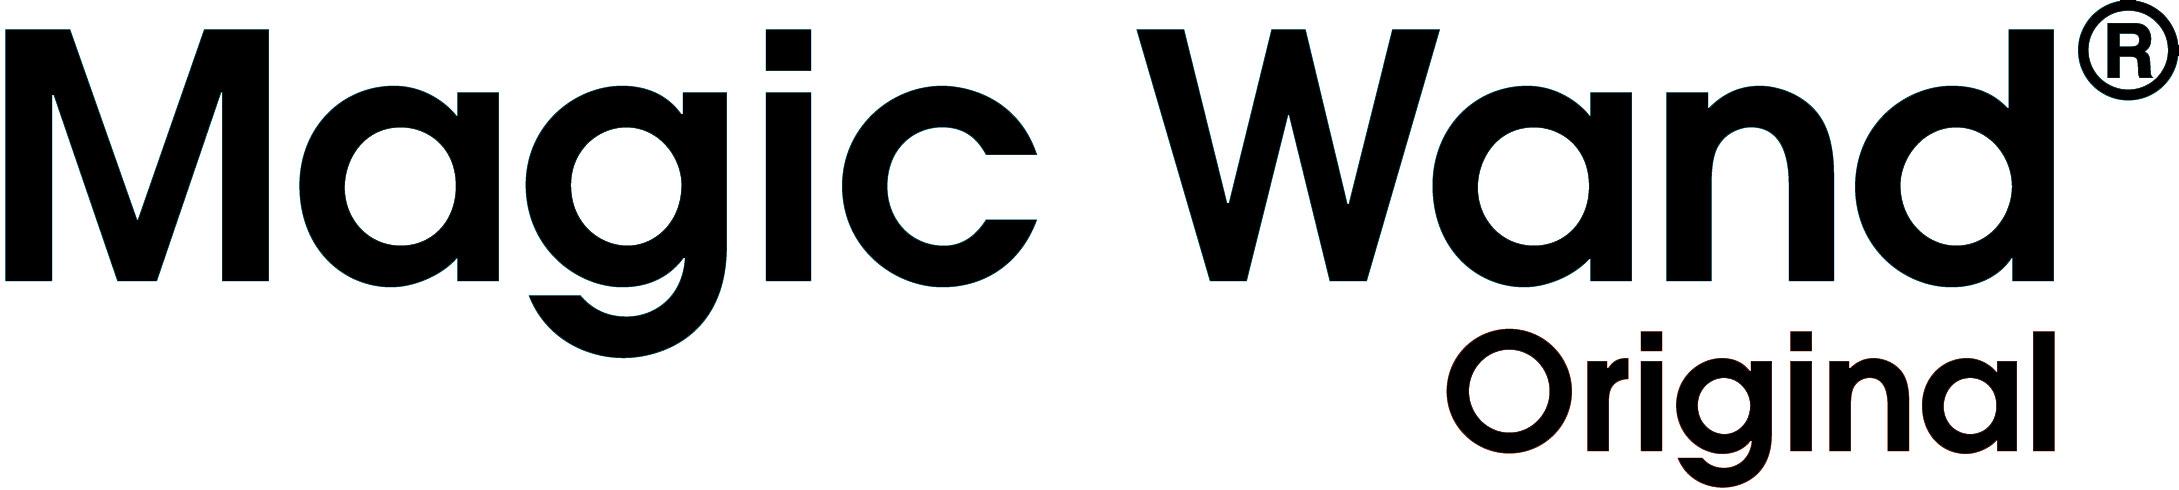 MW_Logo_Tag.jpg